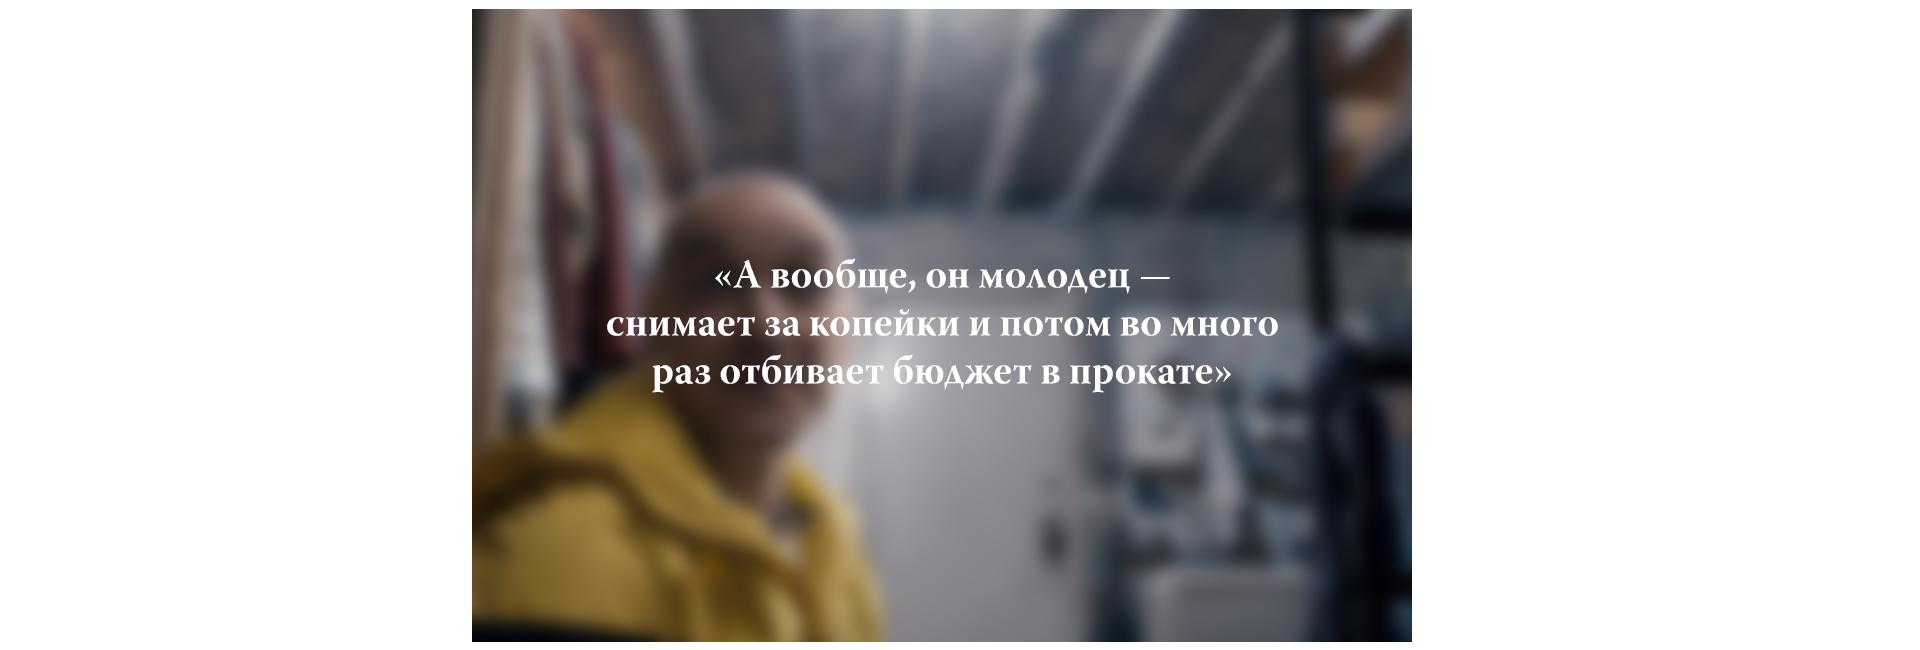 Как поддержать разговор о Шьямалане — режиссере фильма «Сплит» (фото 4)